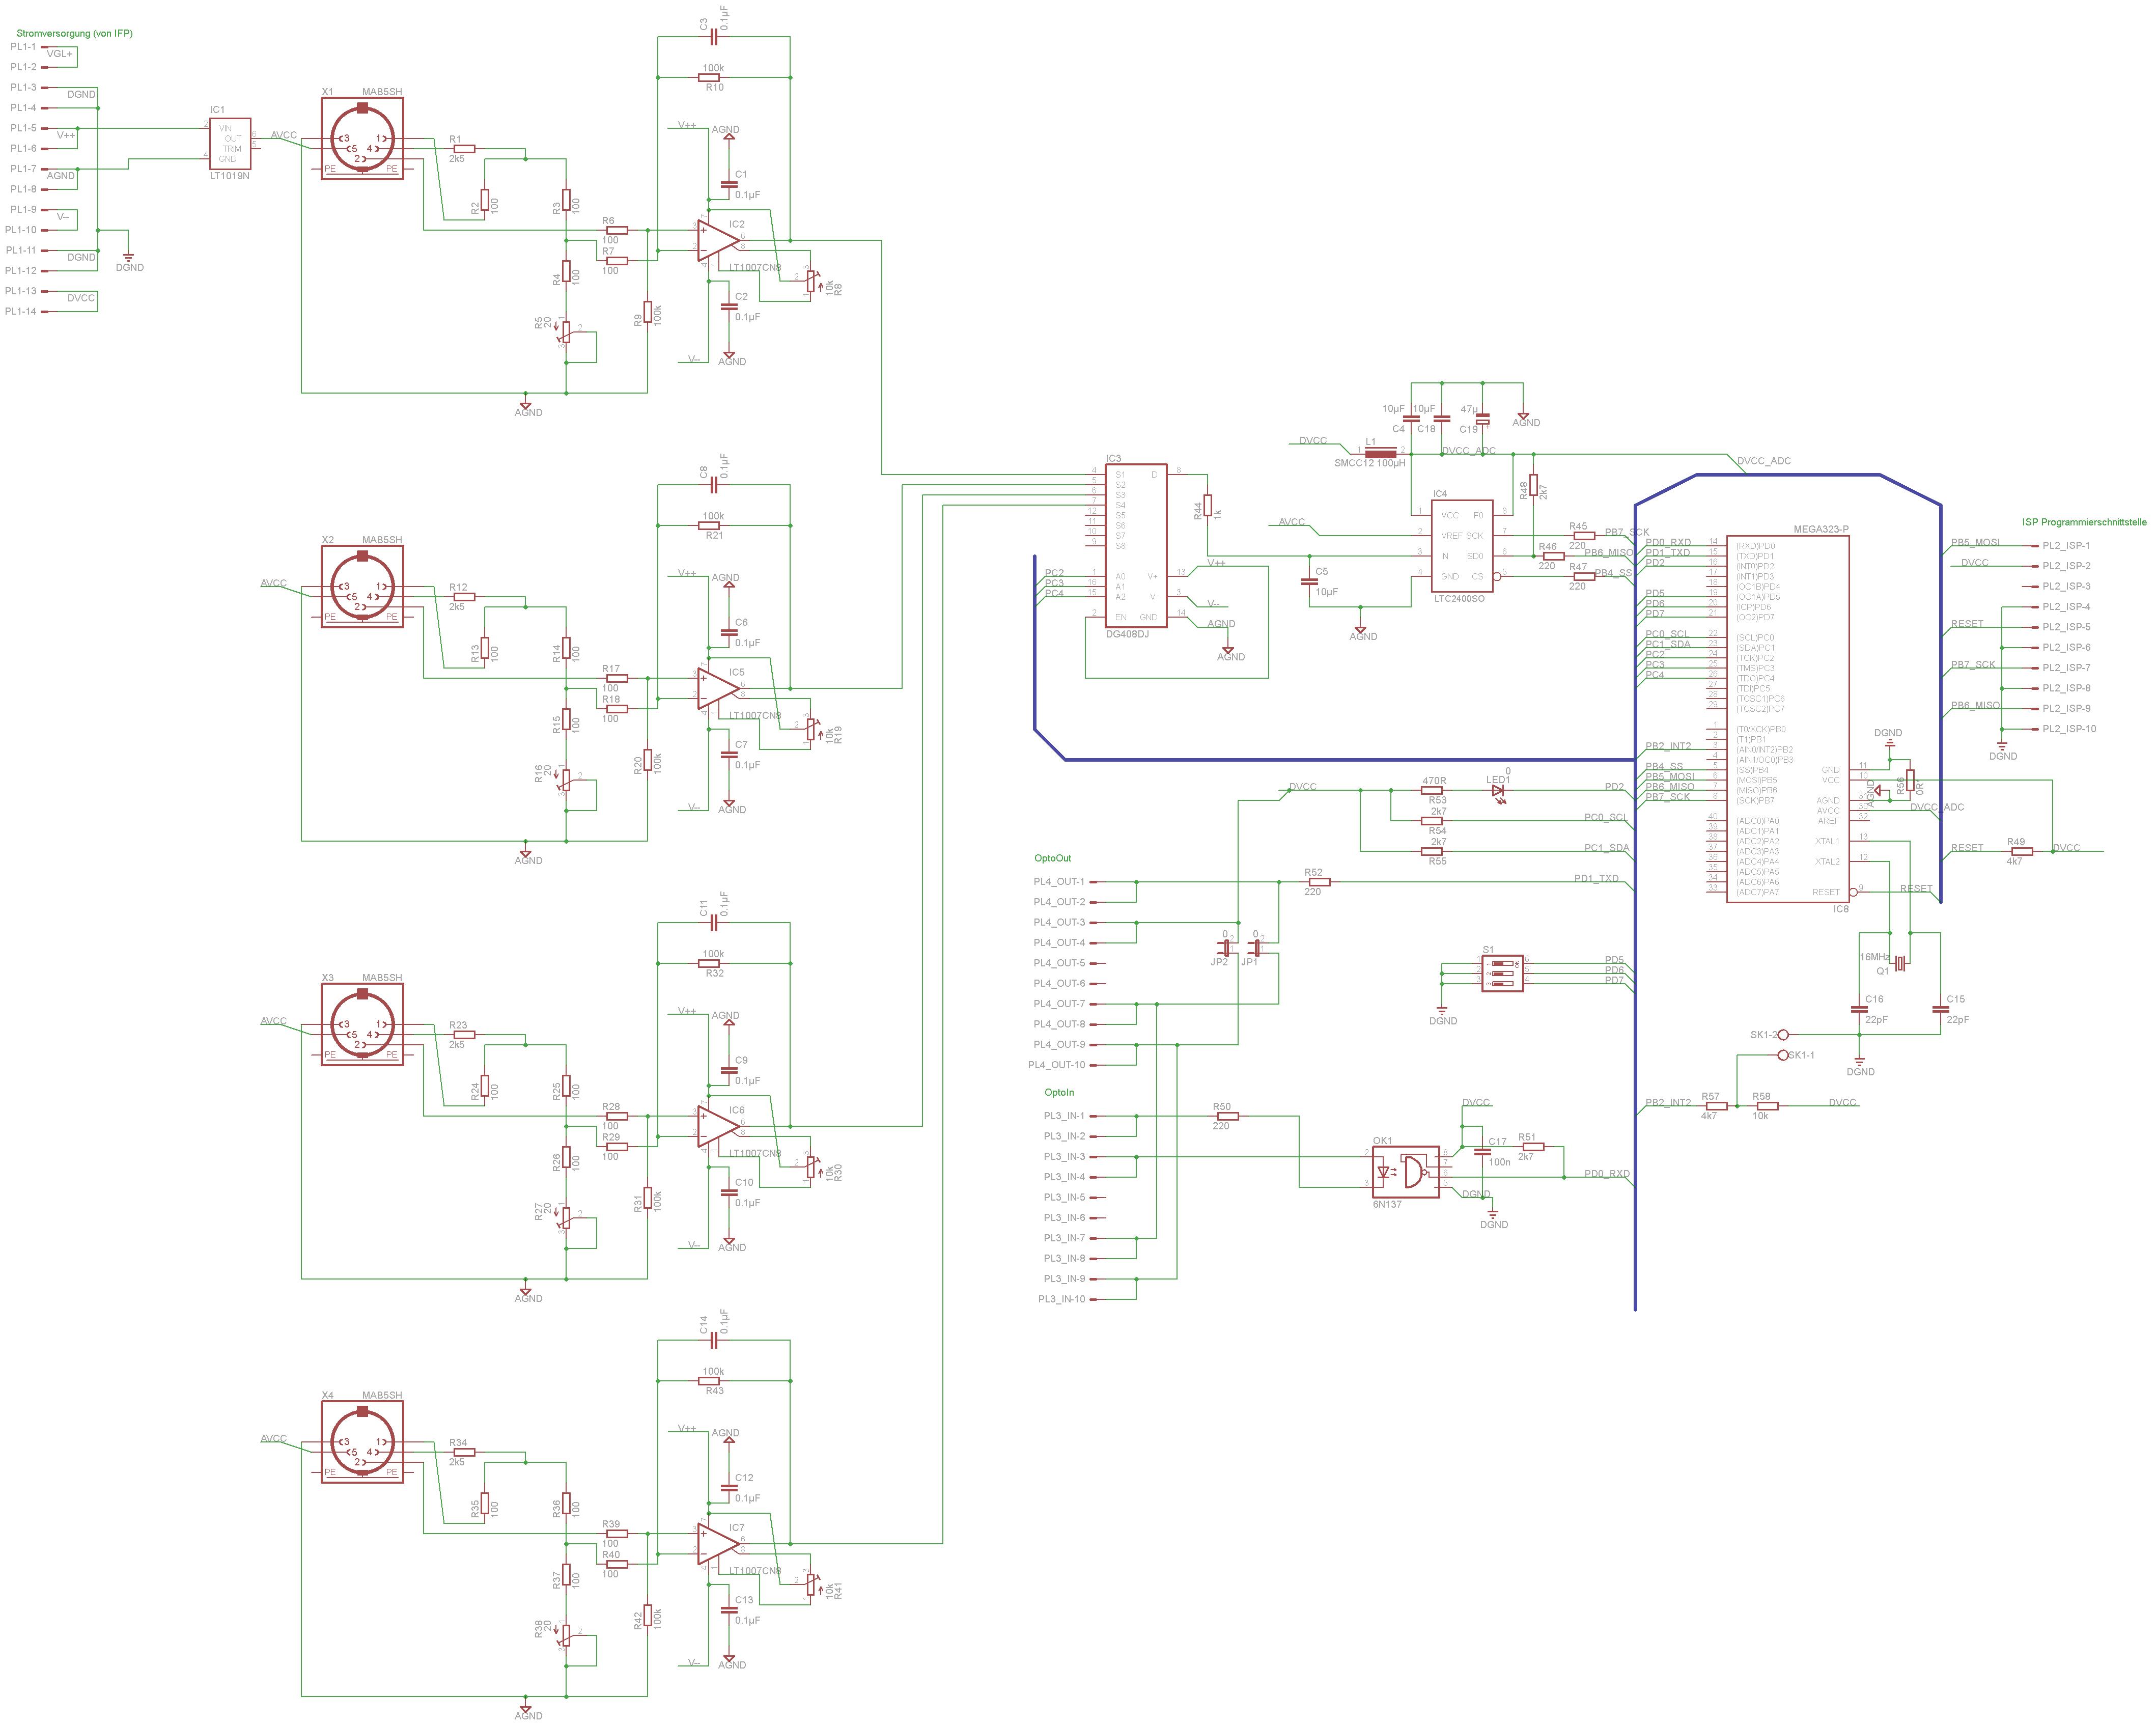 4-kanal PT100 Multiplexer 24bit Schaltung, Messbrücke, ratiometrisch ...